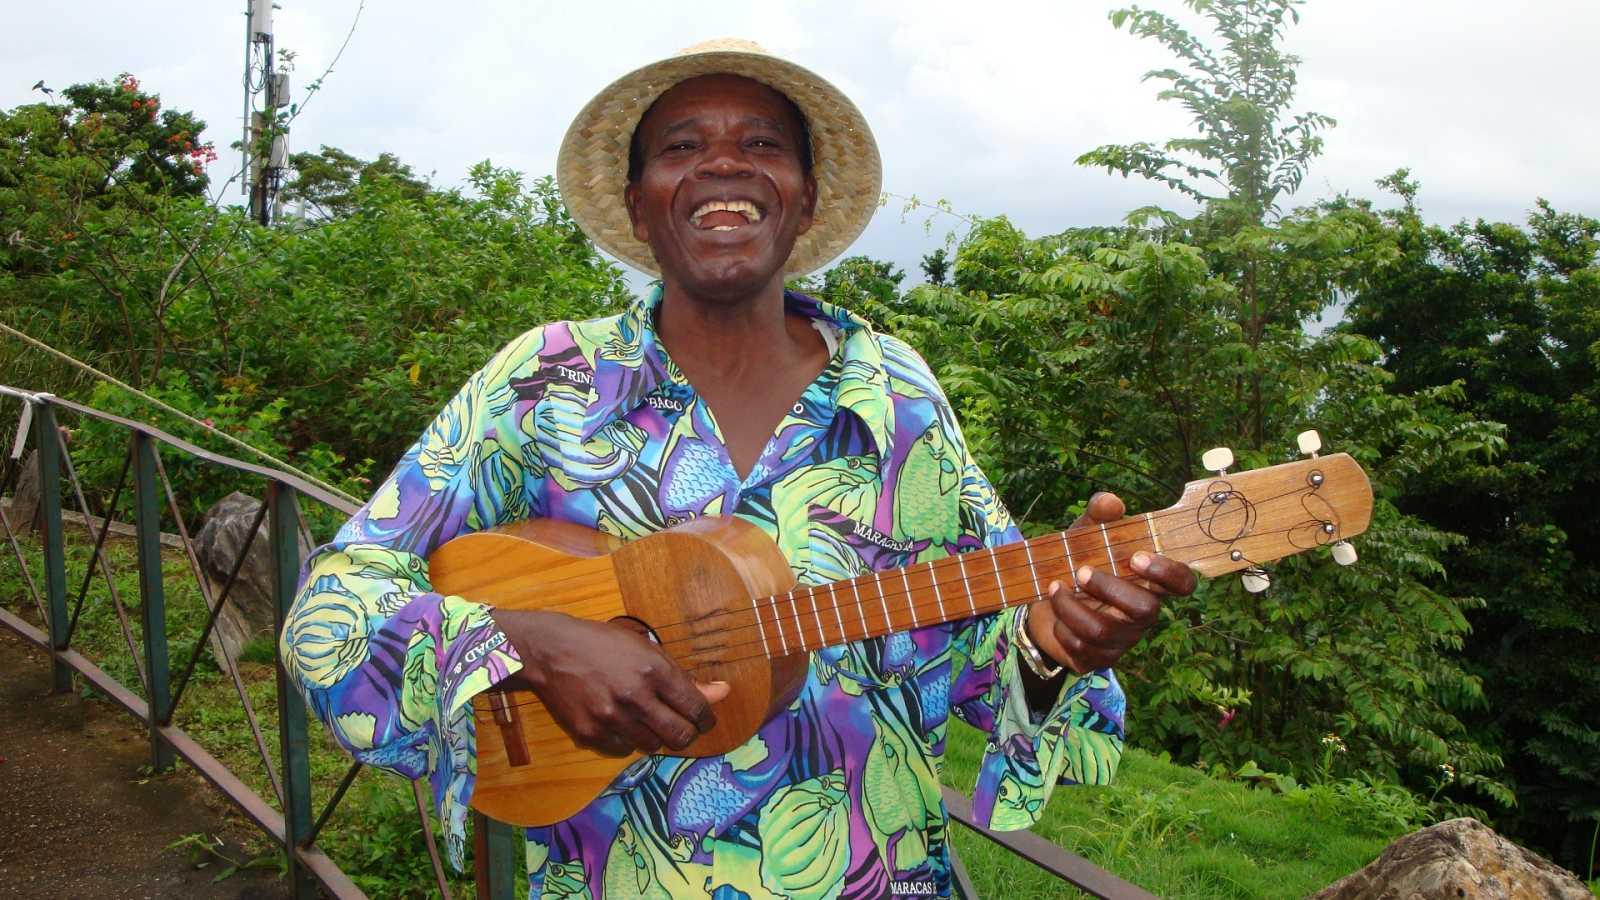 Tapiz sonoro - AmericÁfrica VII: Calipso - 23/08/20 - escuchar ahora